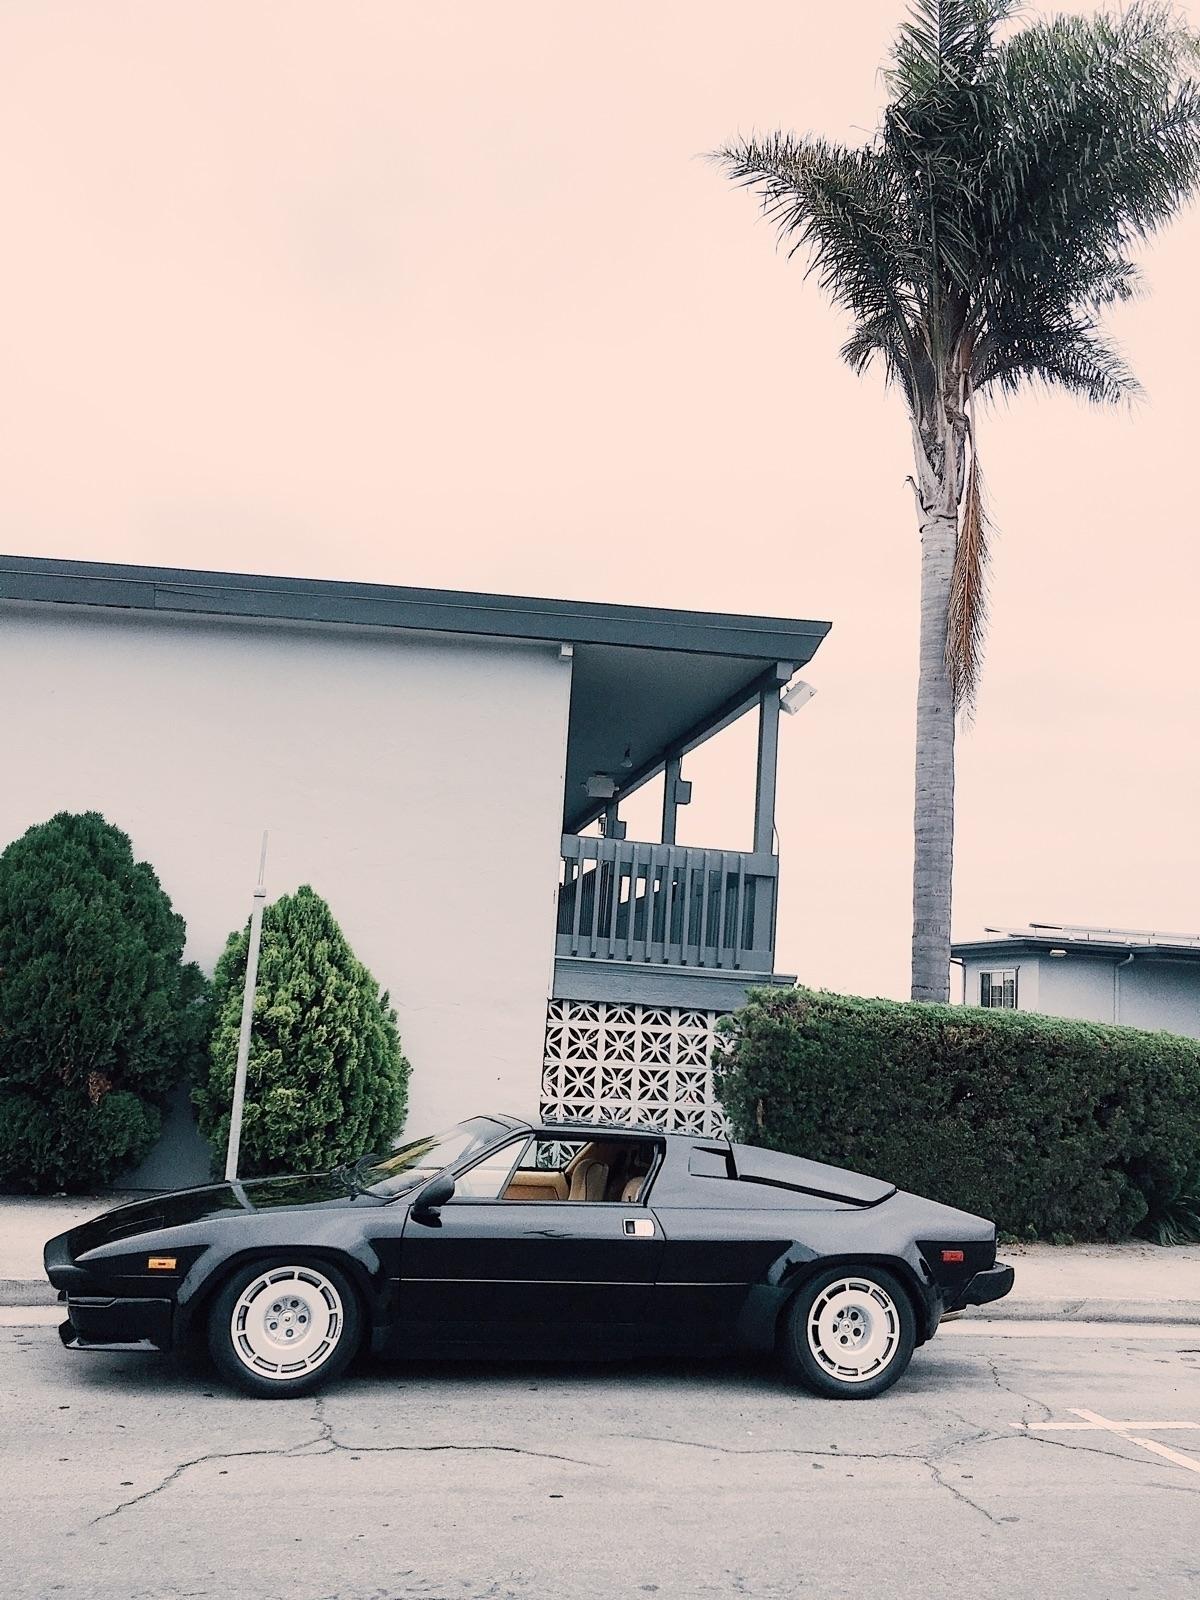 1 410 Lamborghini Jalpa - 1988, lamborghini - tramod | ello